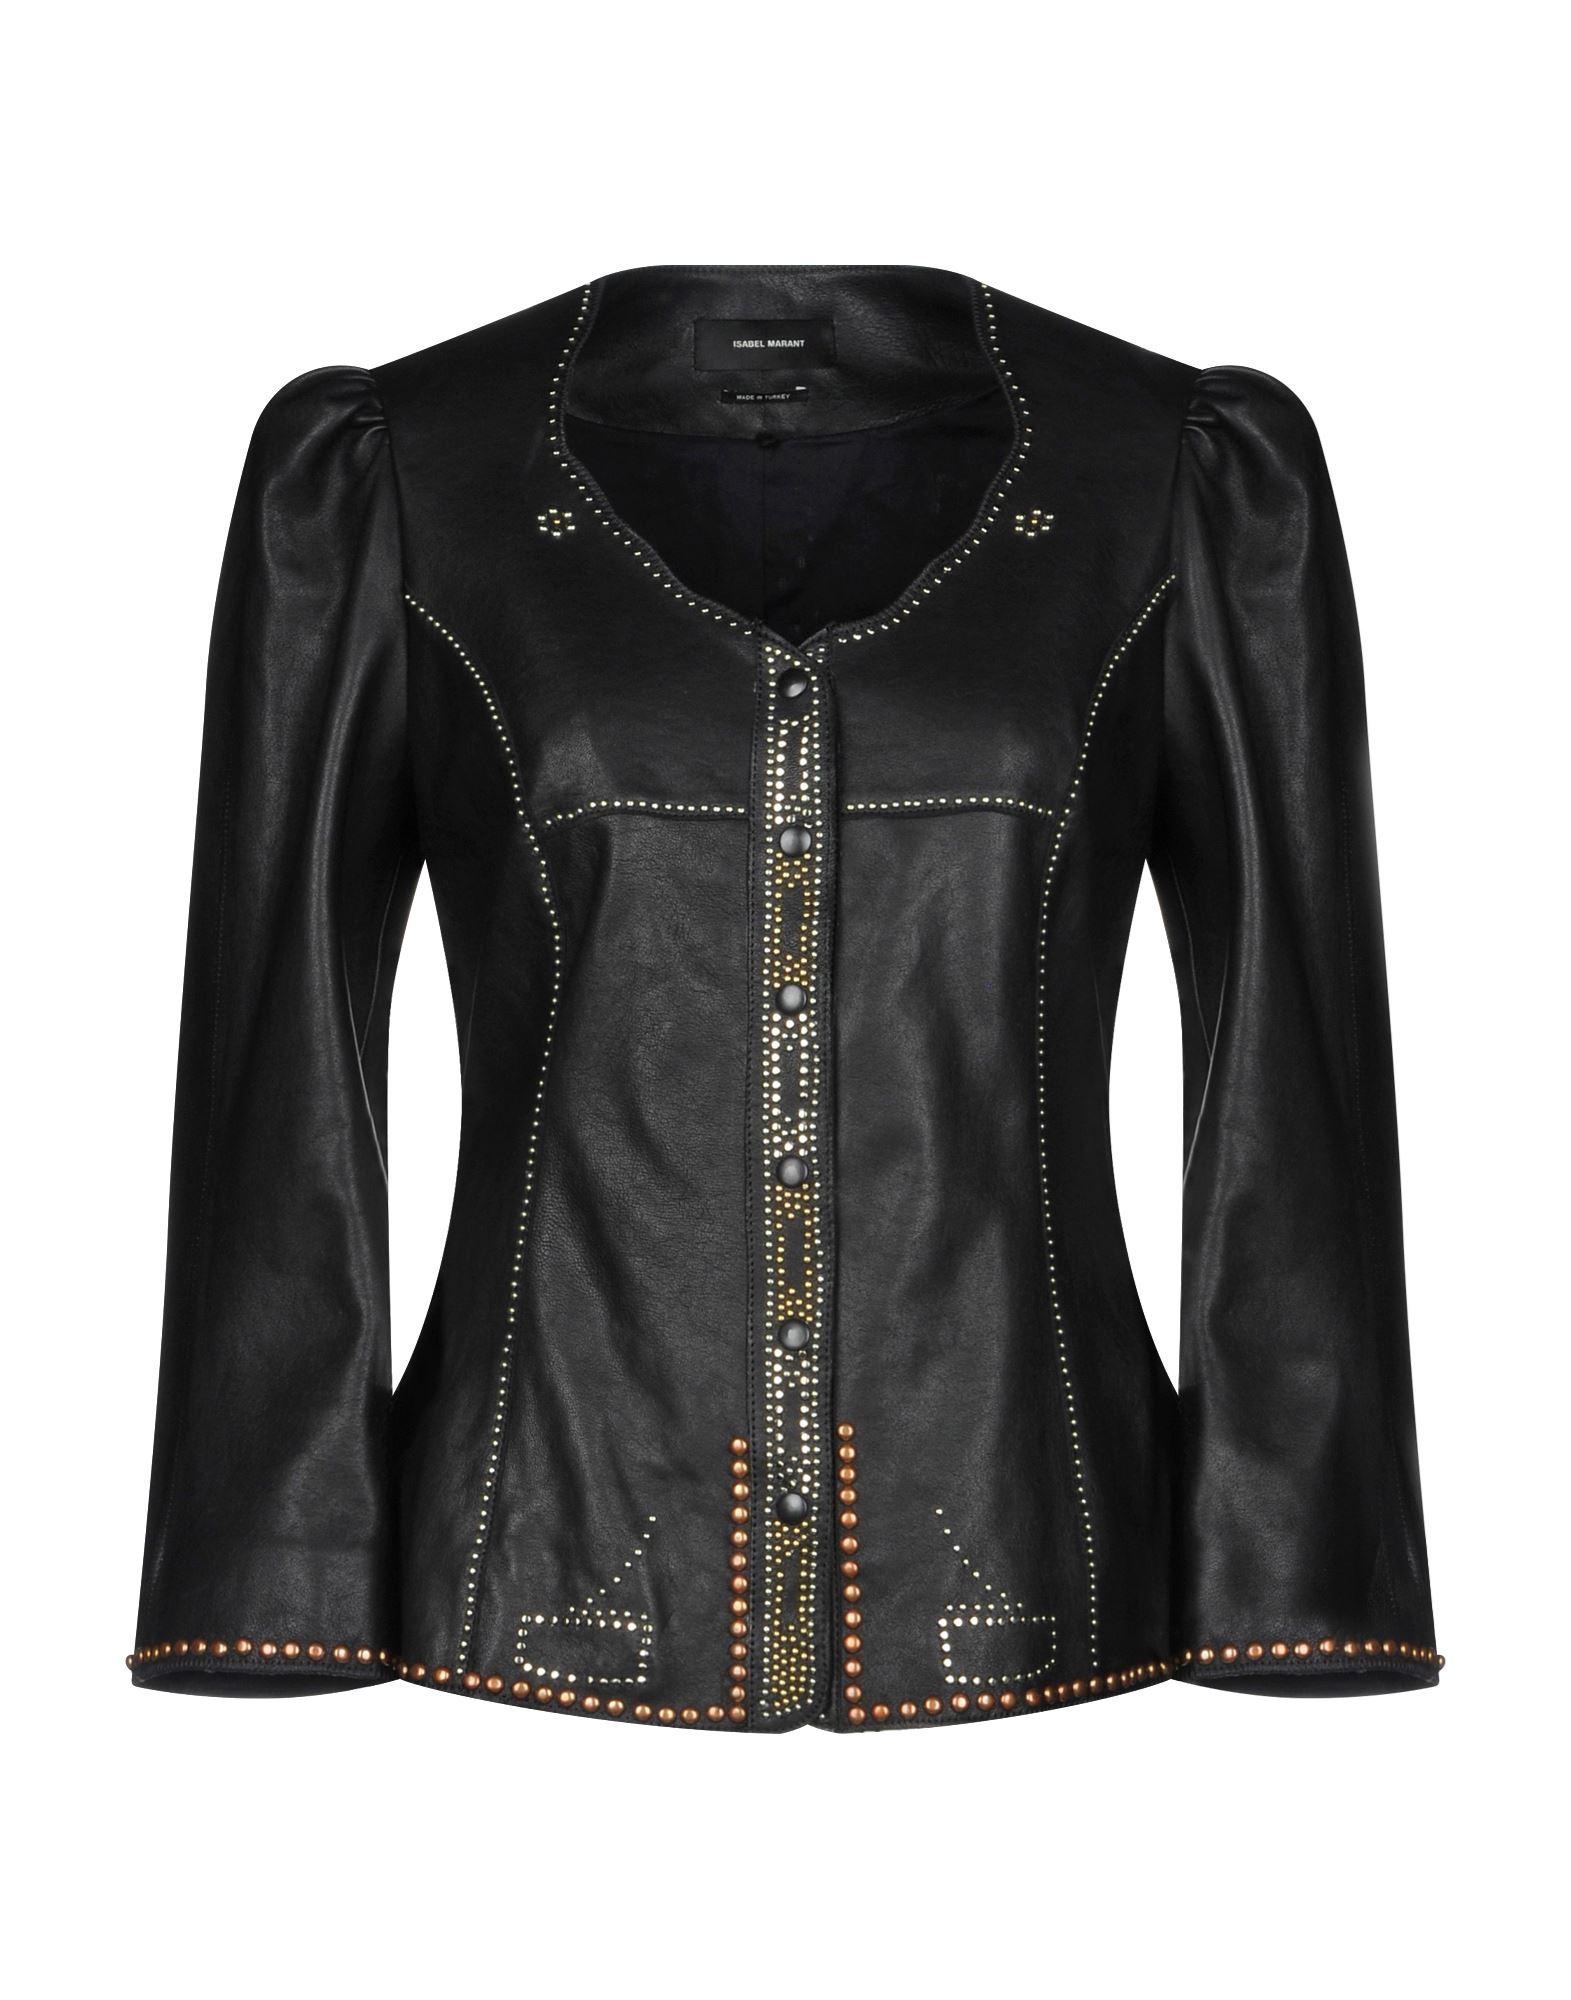 《送料無料》ISABEL MARANT レディース テーラードジャケット ブラック 36 100% 羊革(ラムスキン)